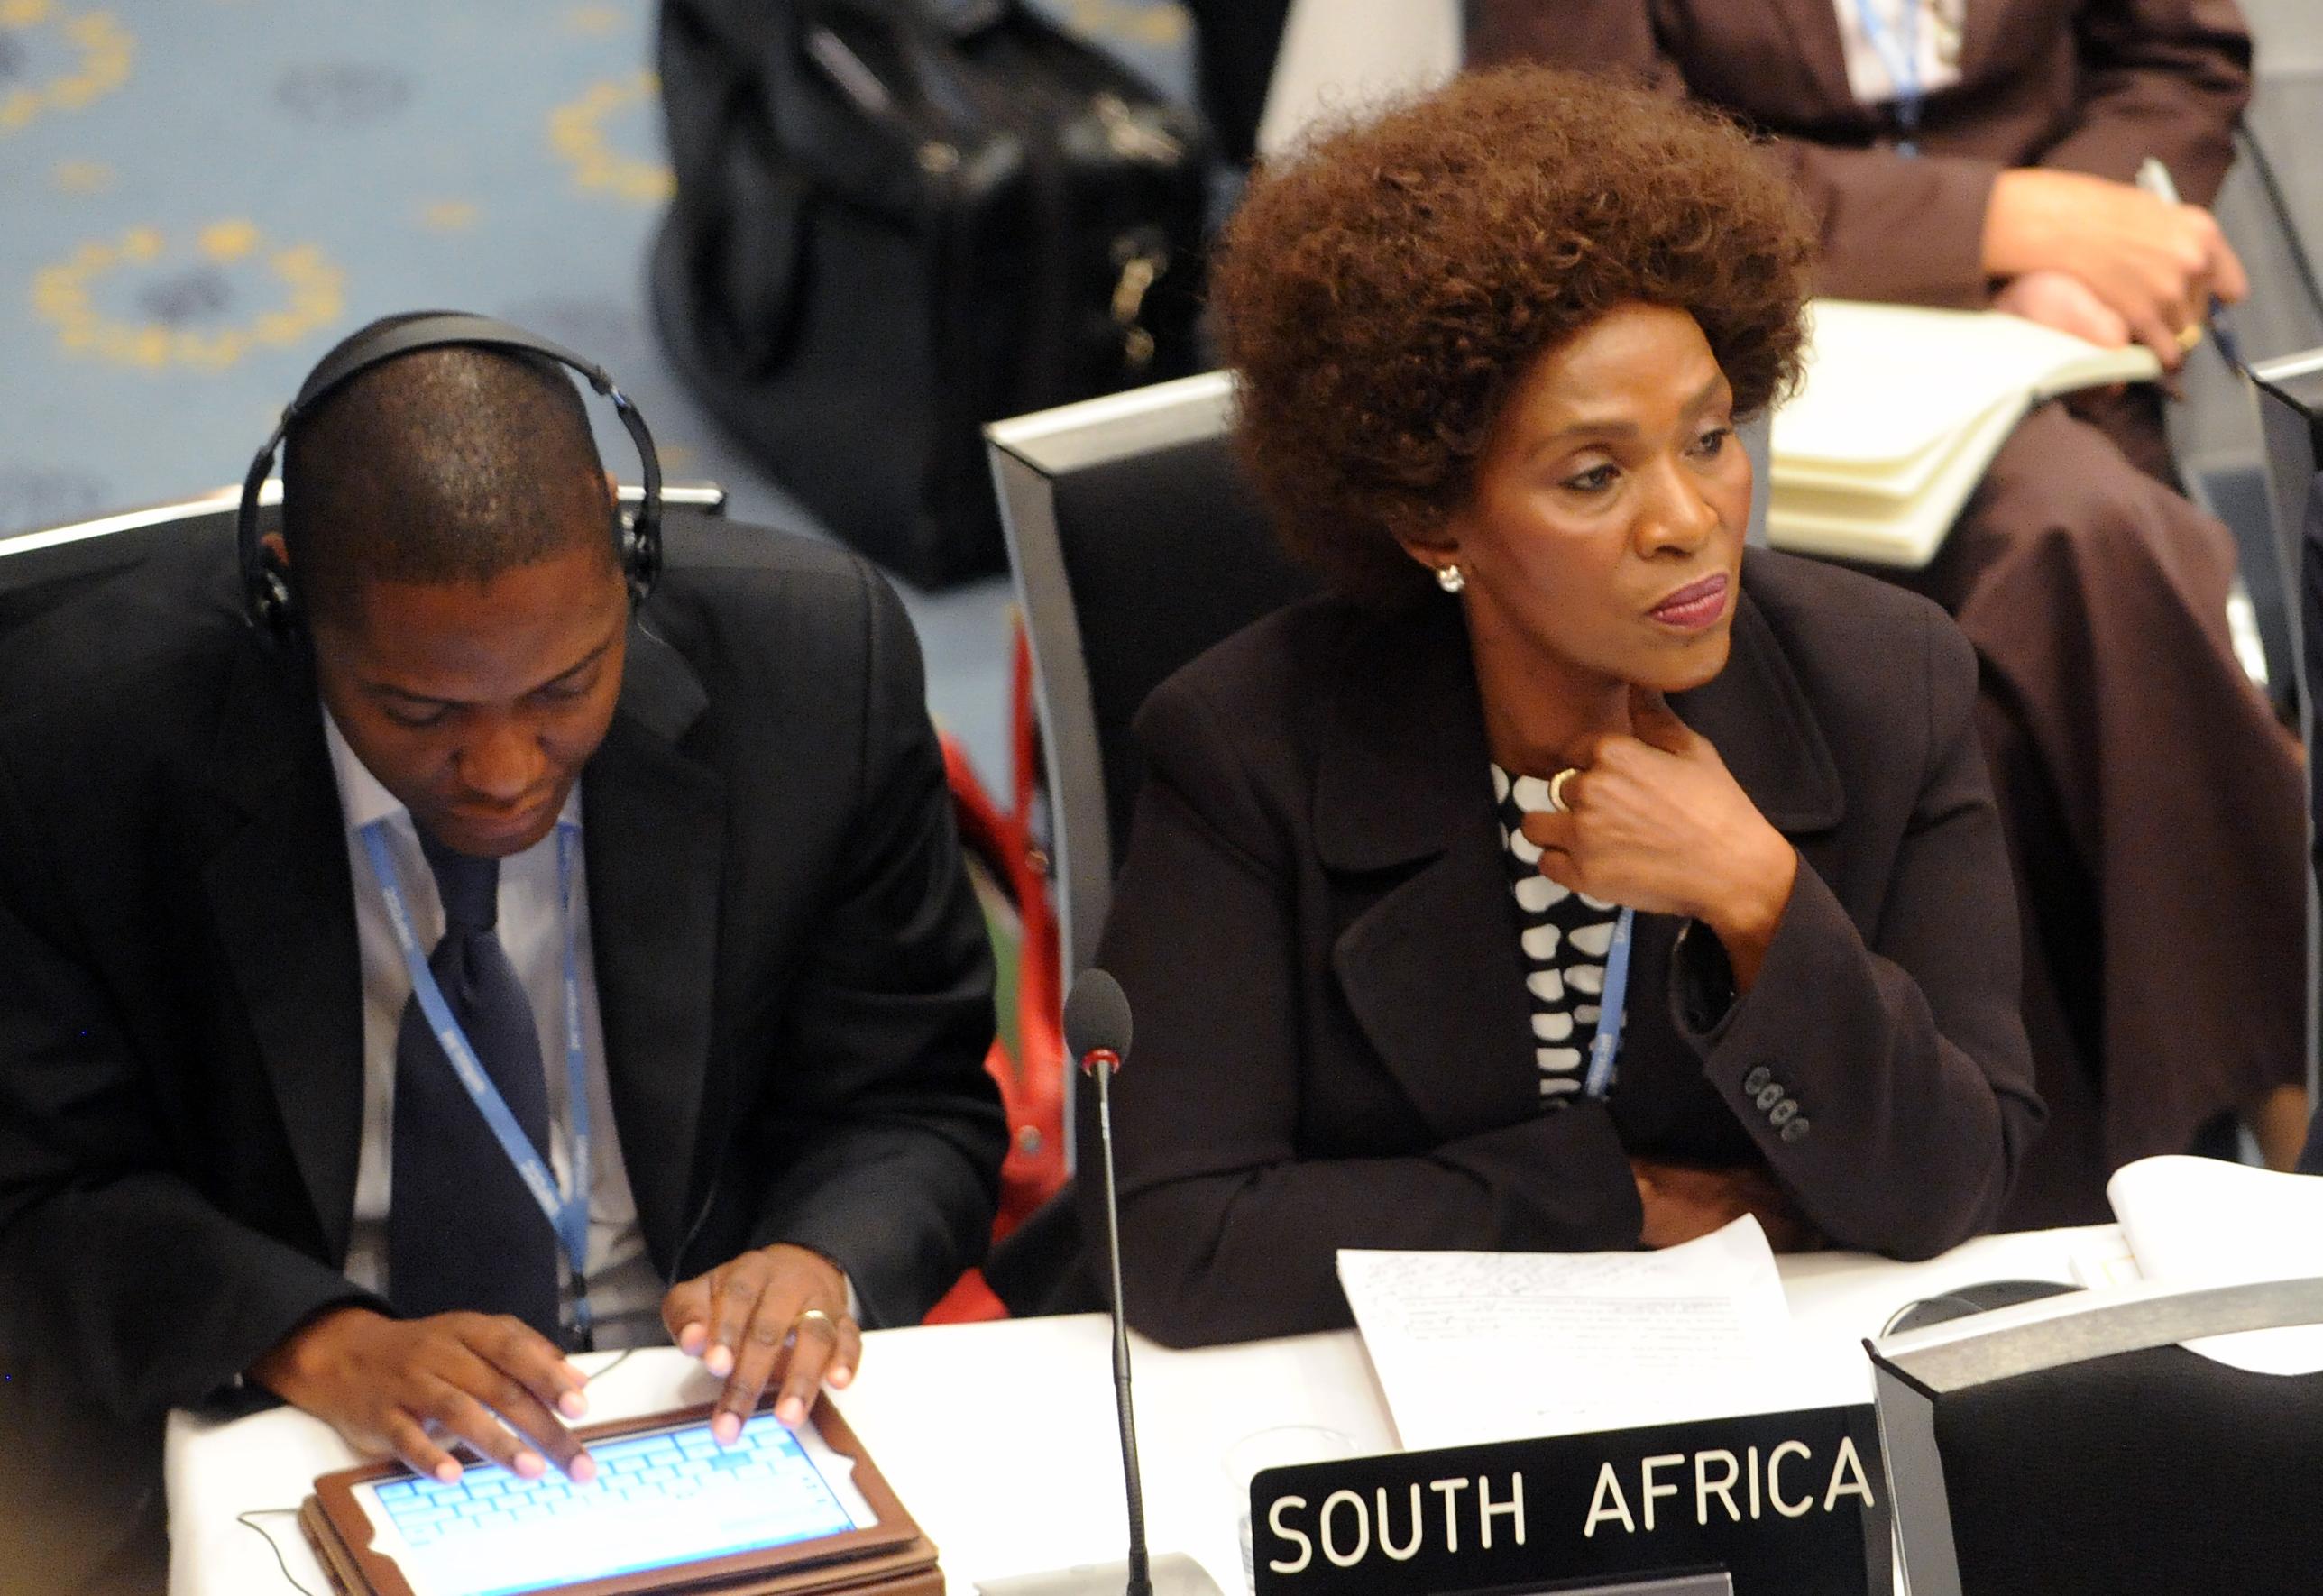 Ambassador Nozipho Mxakato-Diseko